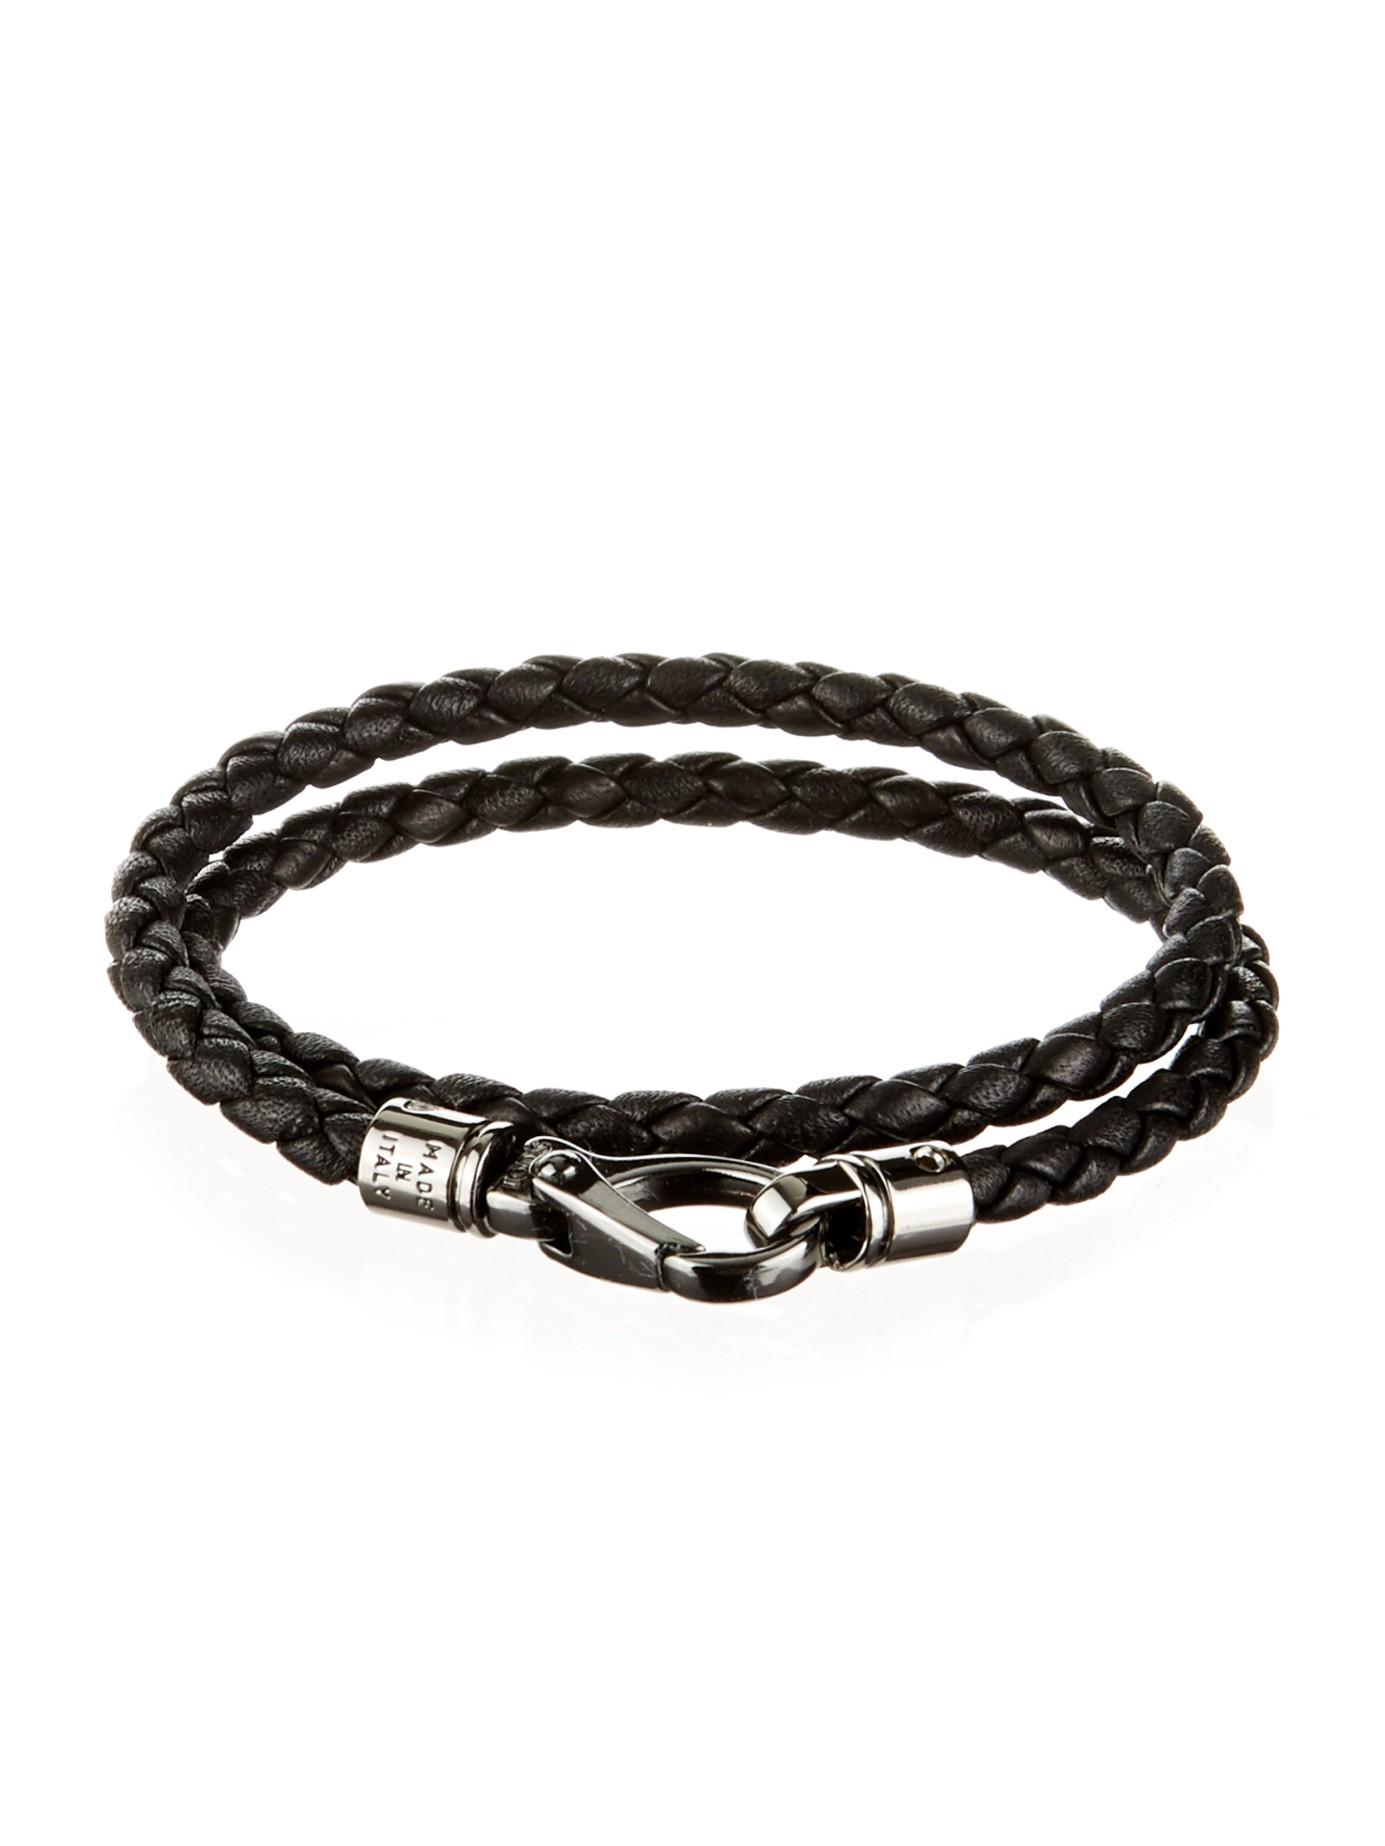 Tod's classic woven bracelet - Black qzh8IfE